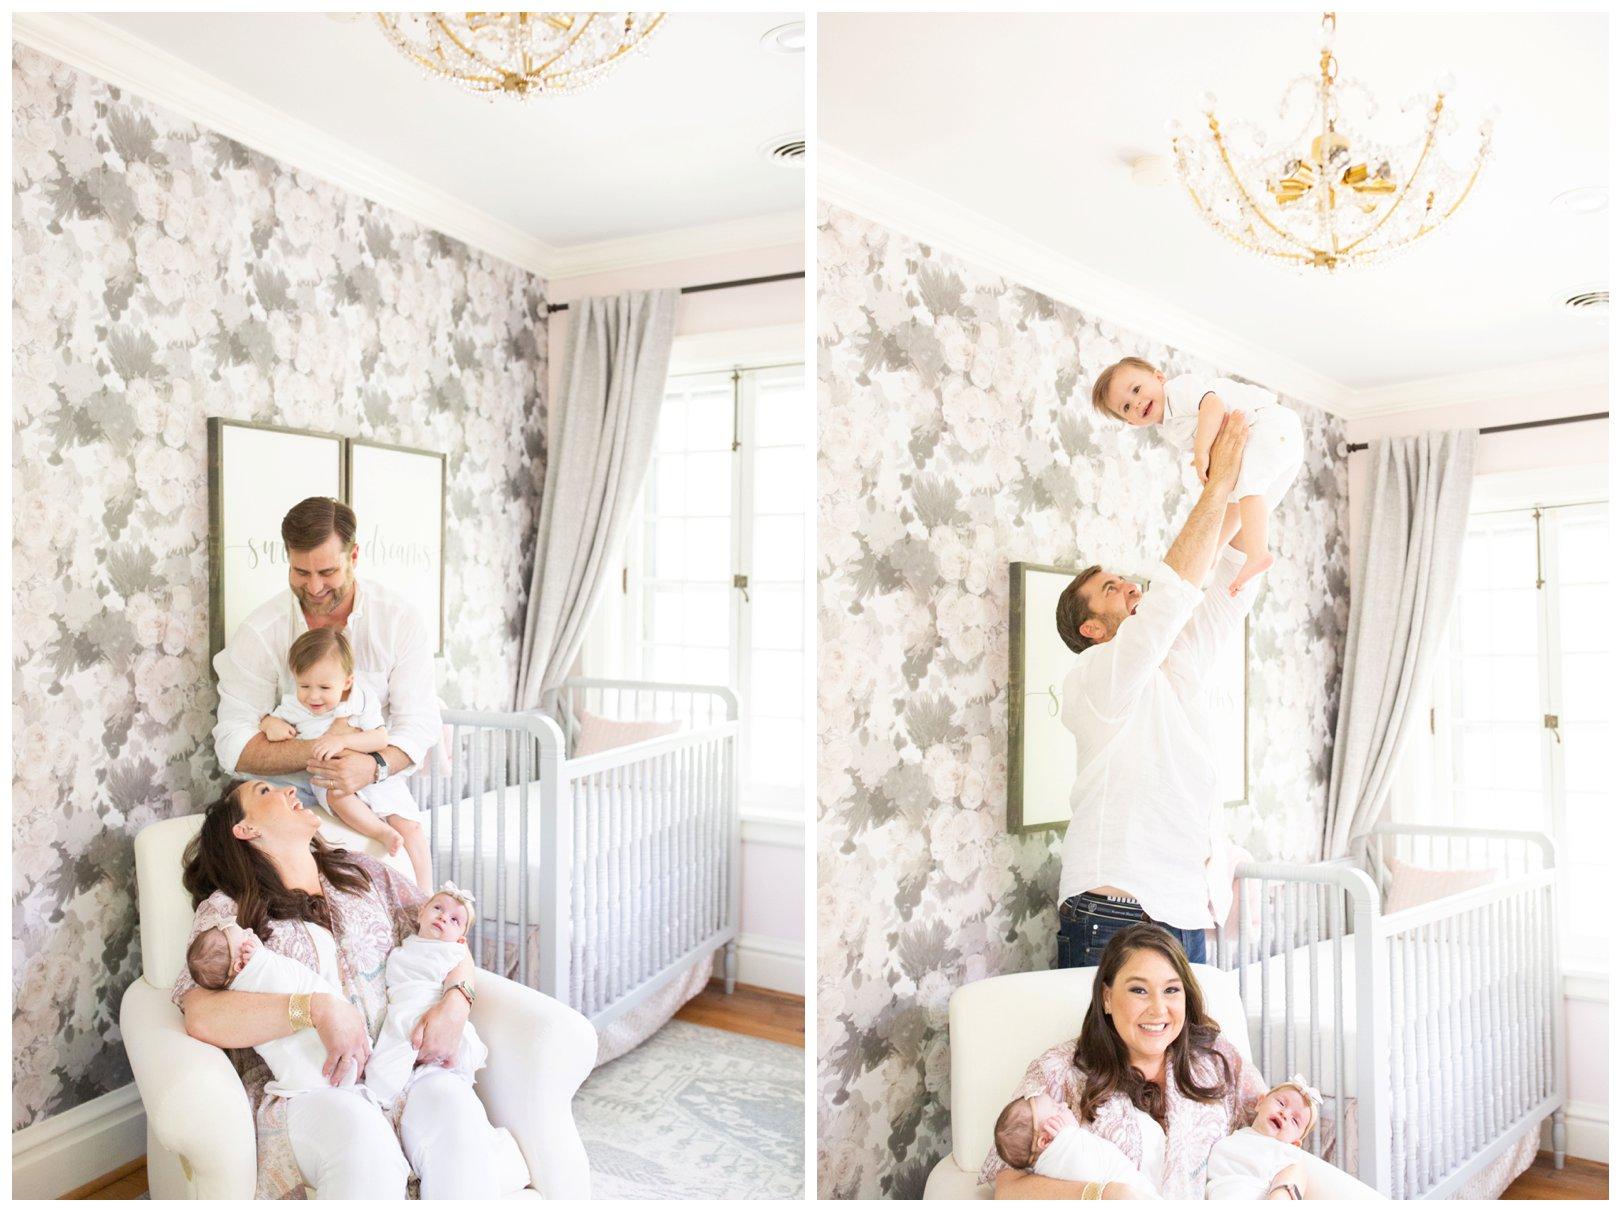 lauren muckler photography_fine art film wedding photography_st louis_photography_2984.jpg